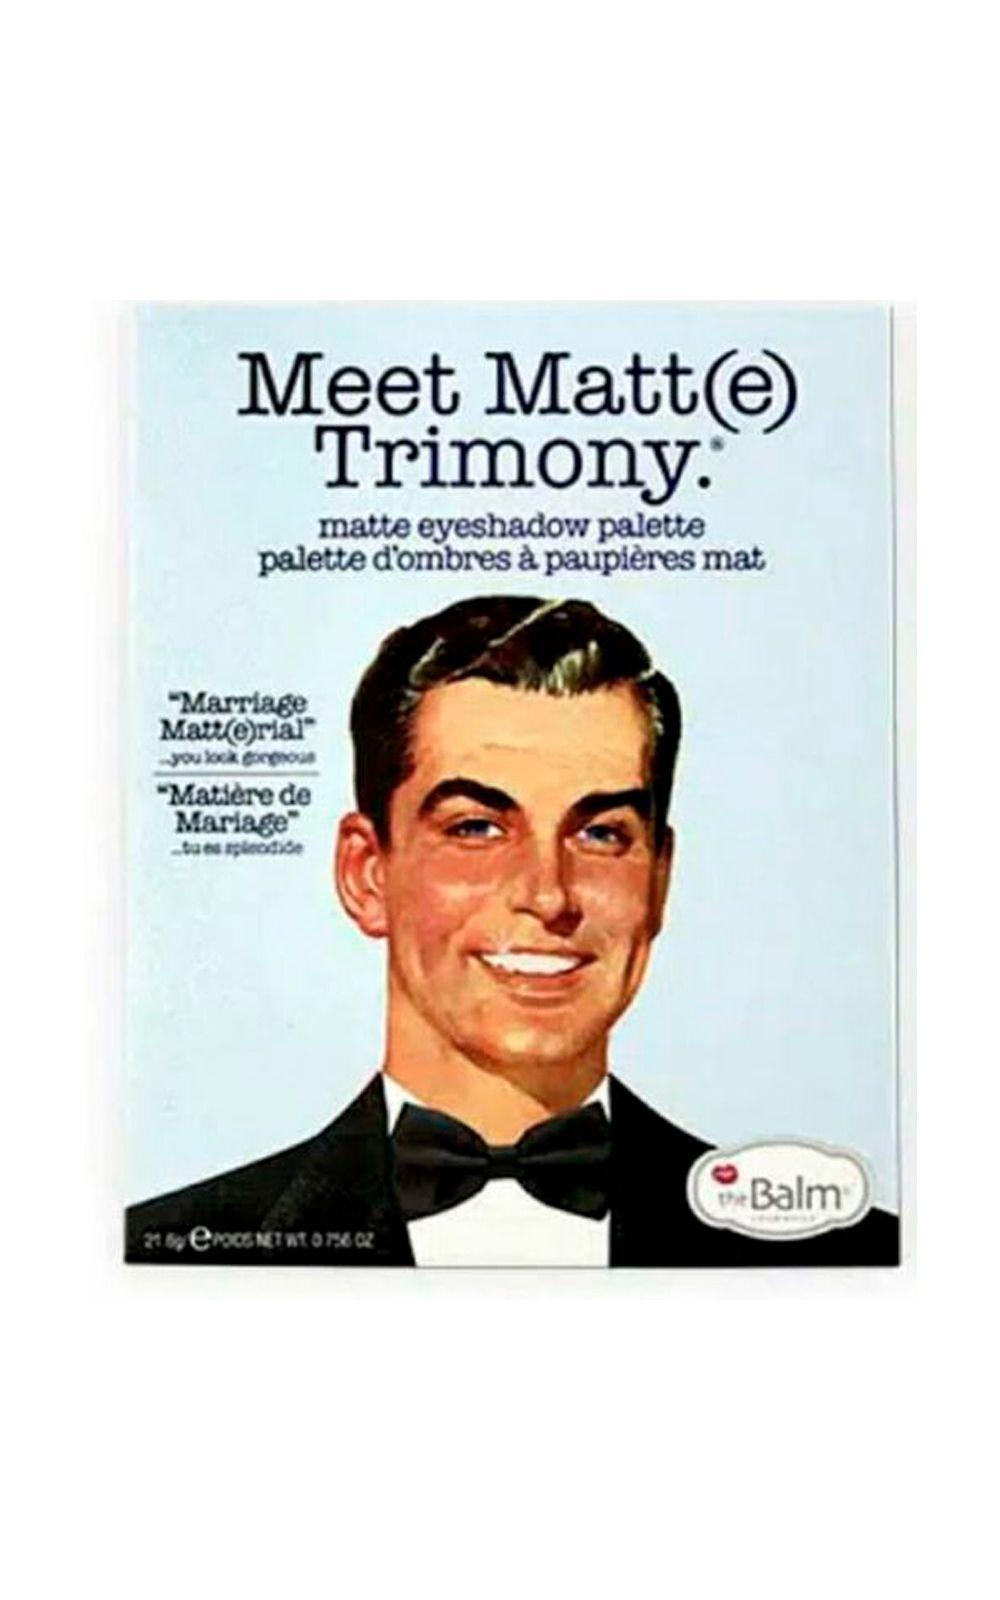 Foto 2 - Meet Matt(e) Trimony The Balm - Paleta de Sombras - 1 Un